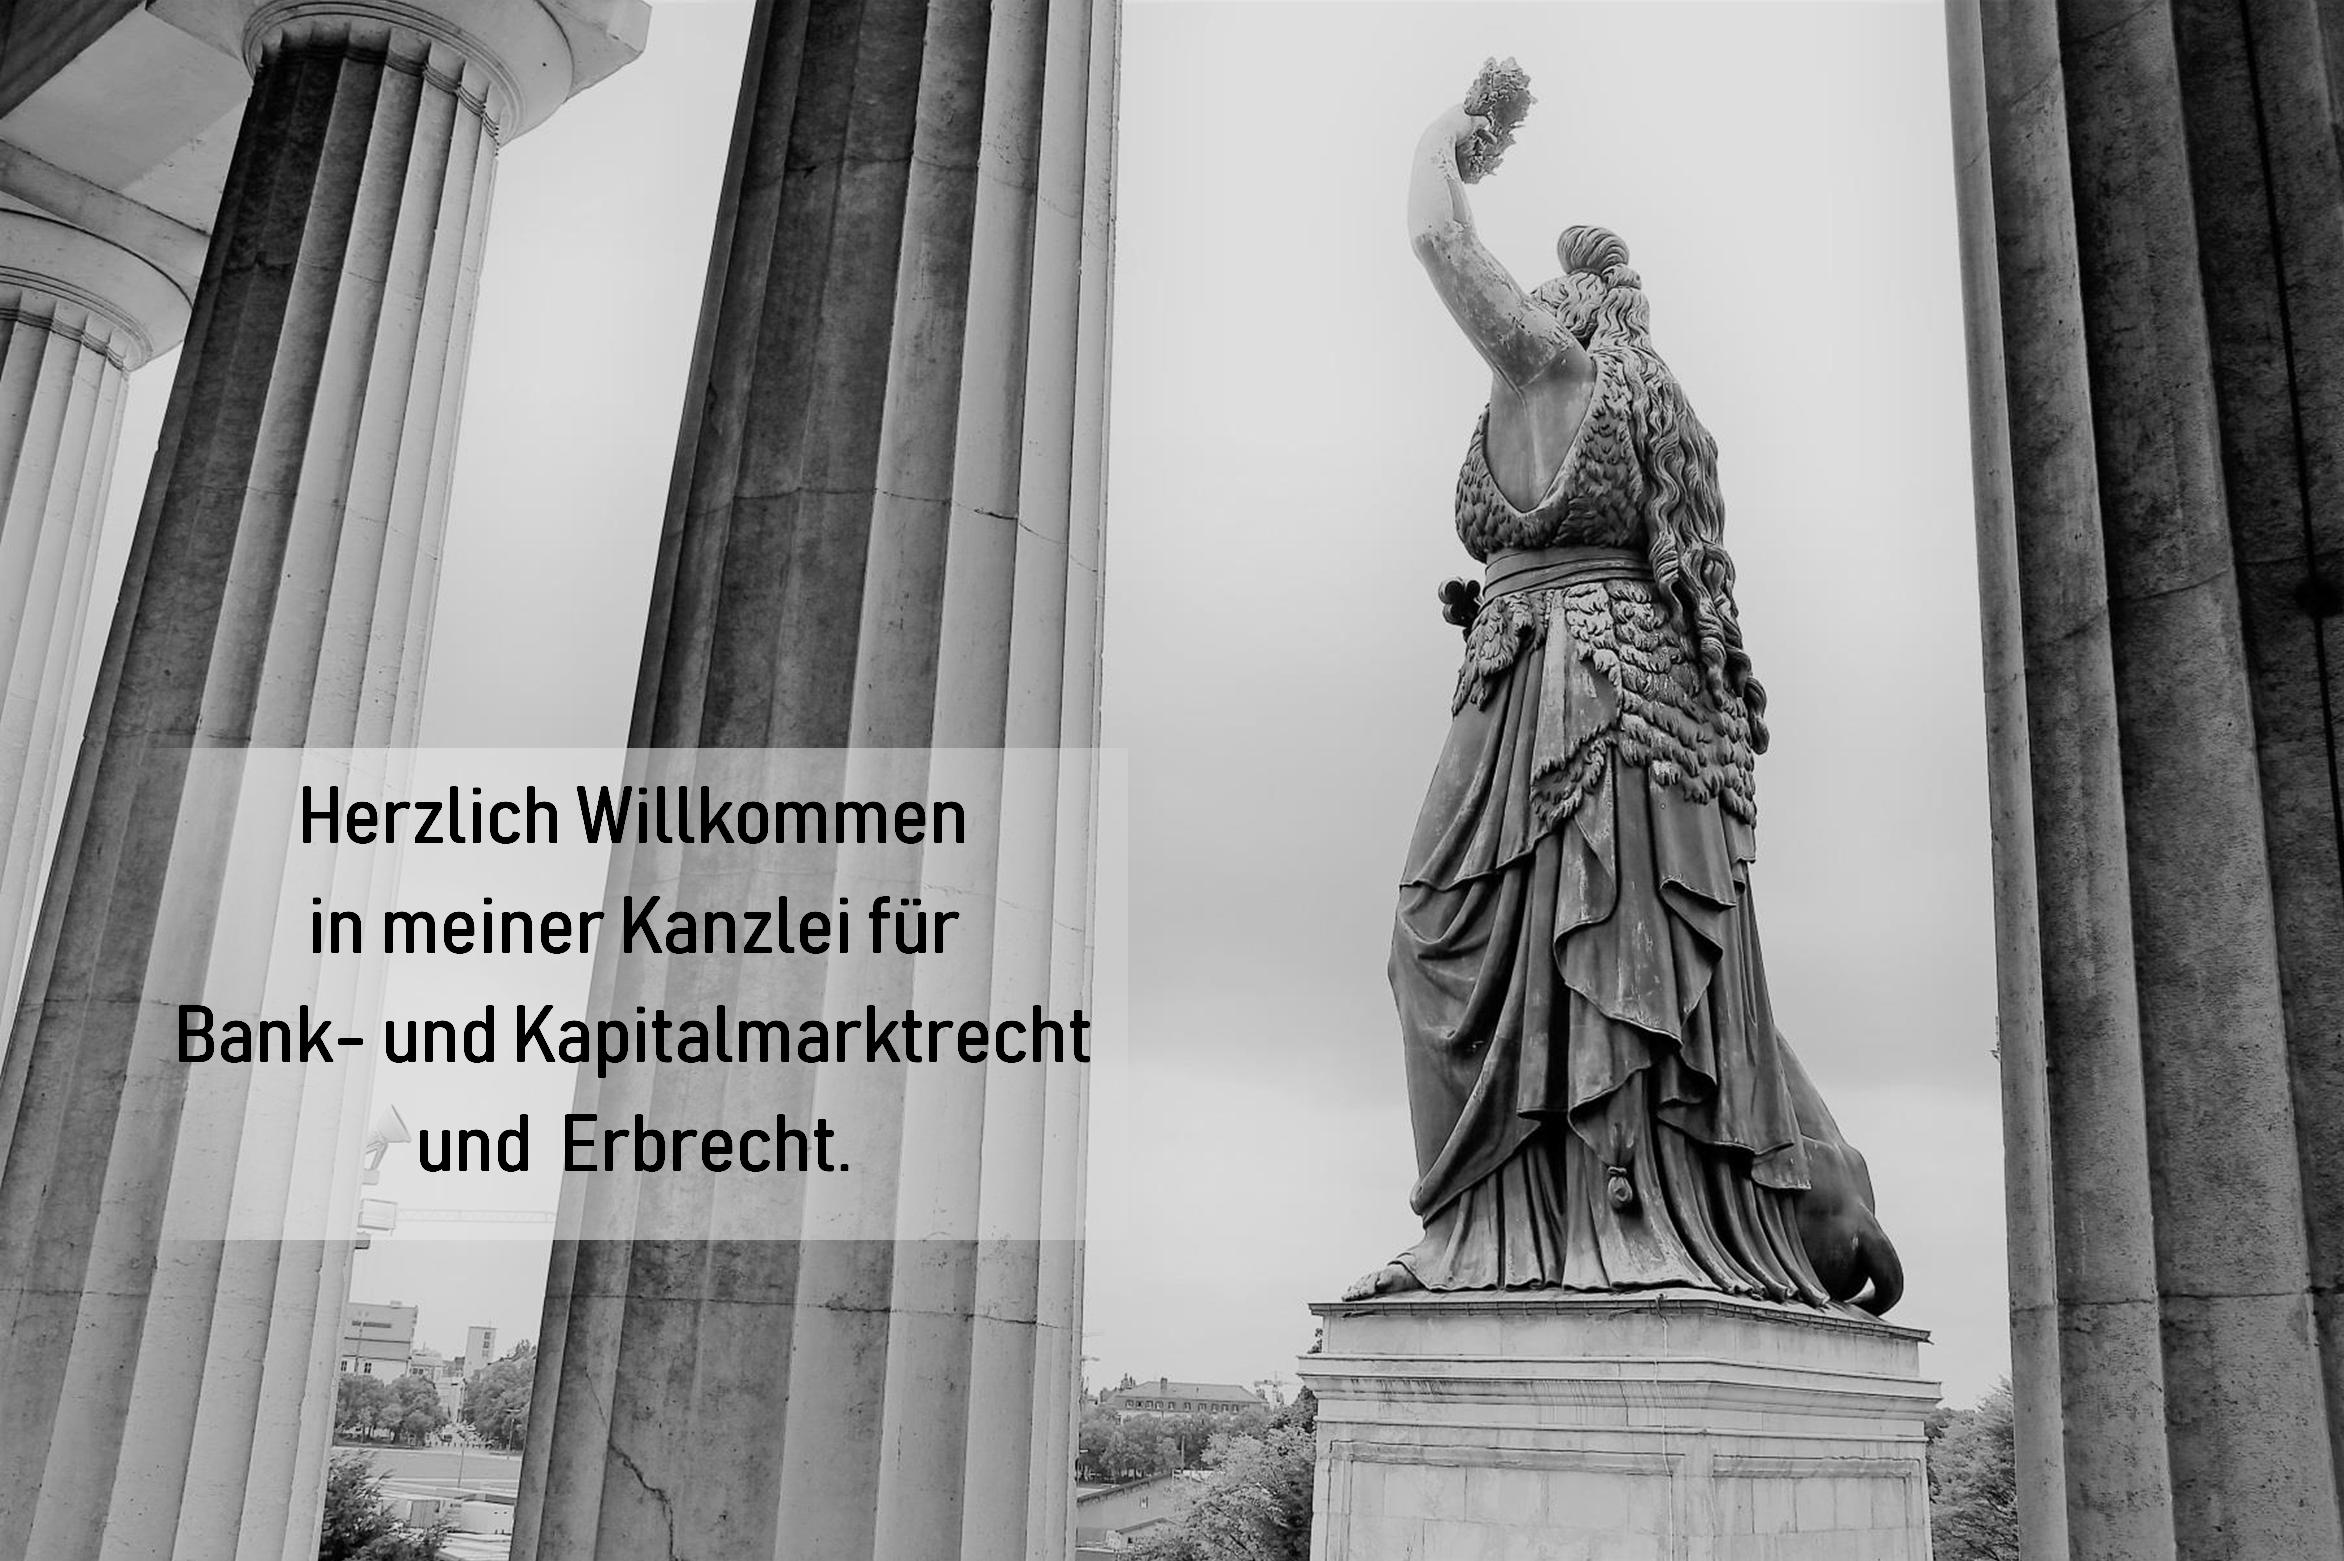 Kanzlei für Bank- und Kapitalmarktrecht und Erbrecht in München - Fachanwältin Eva Lilian Brehm